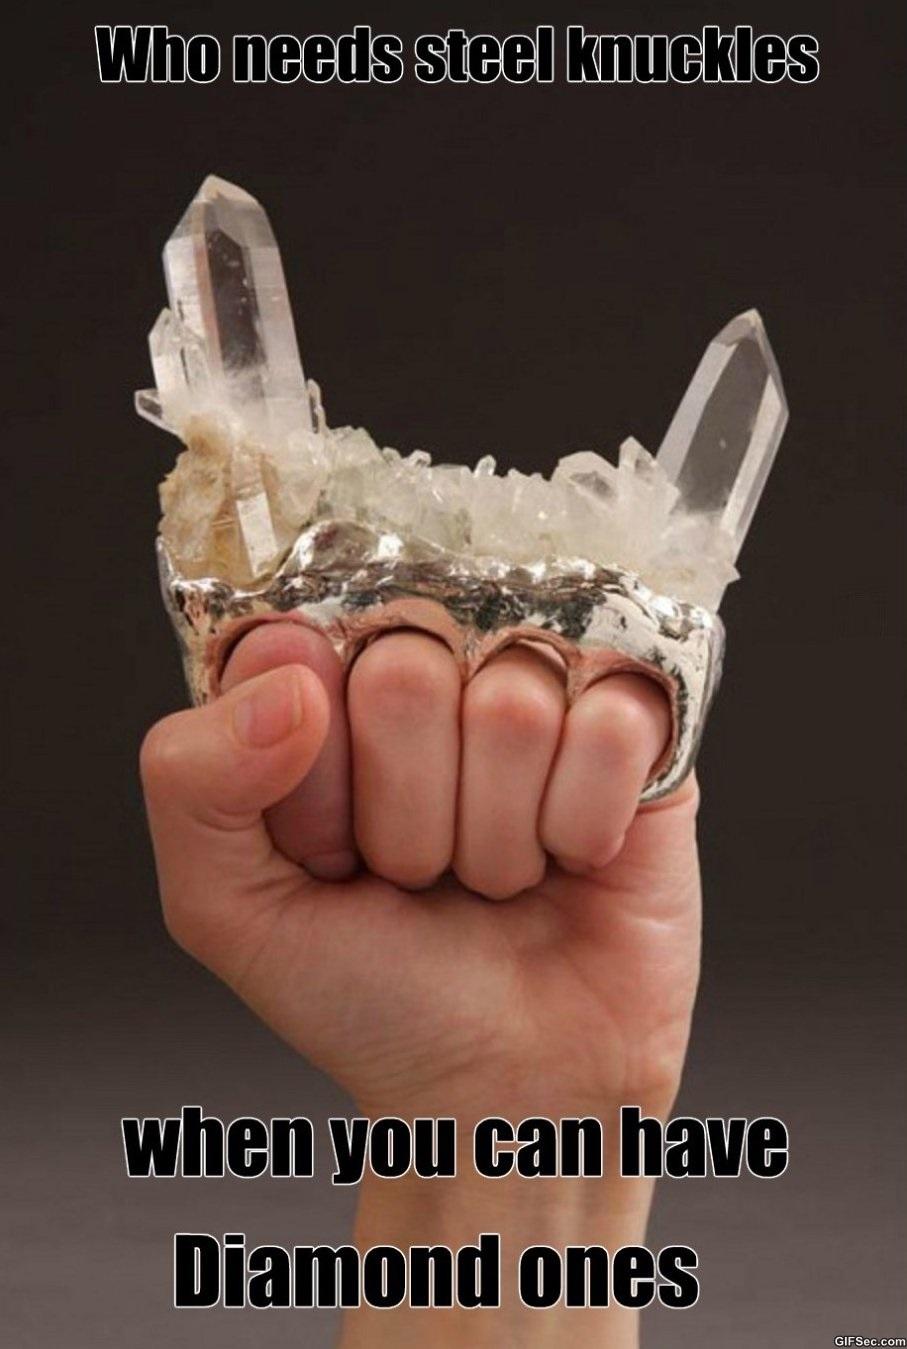 steel-knuckles-vs-diamond-knuckles